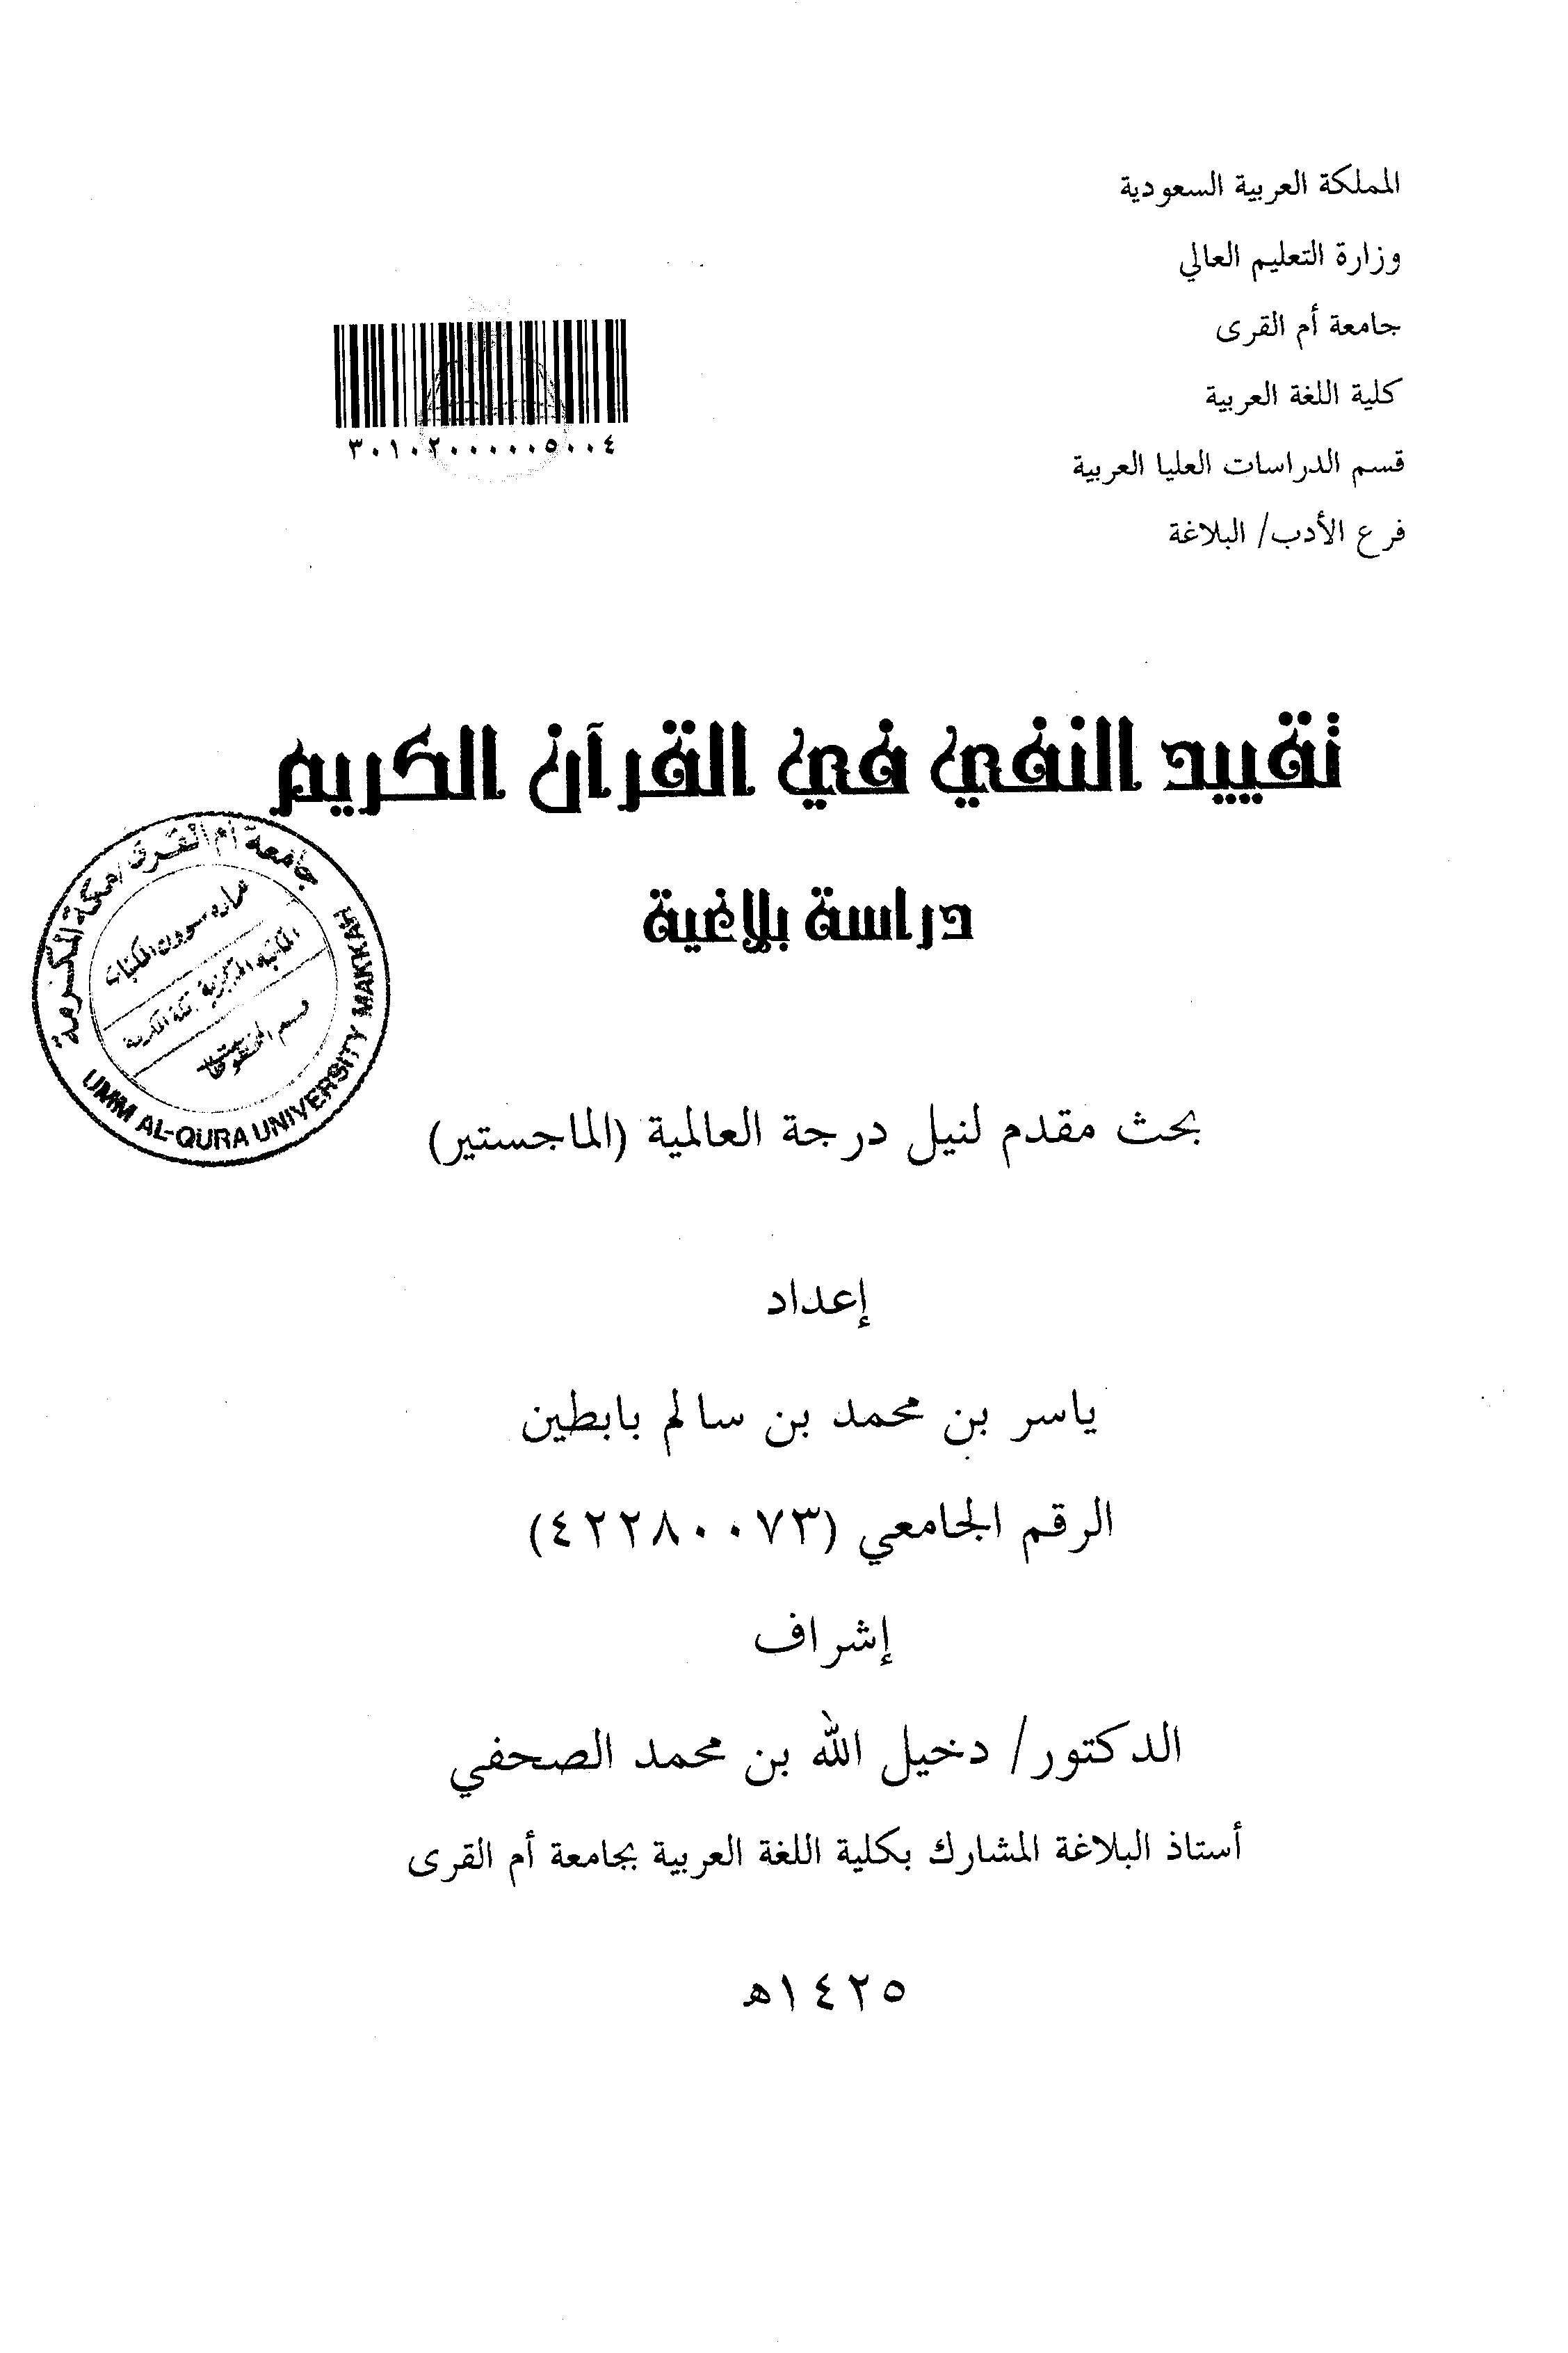 تحميل كتاب تقييد النفي في القرآن الكريم (دراسة بلاغية) للمؤلف: الدكتور ياسر بن محمد بن سالم بابطين